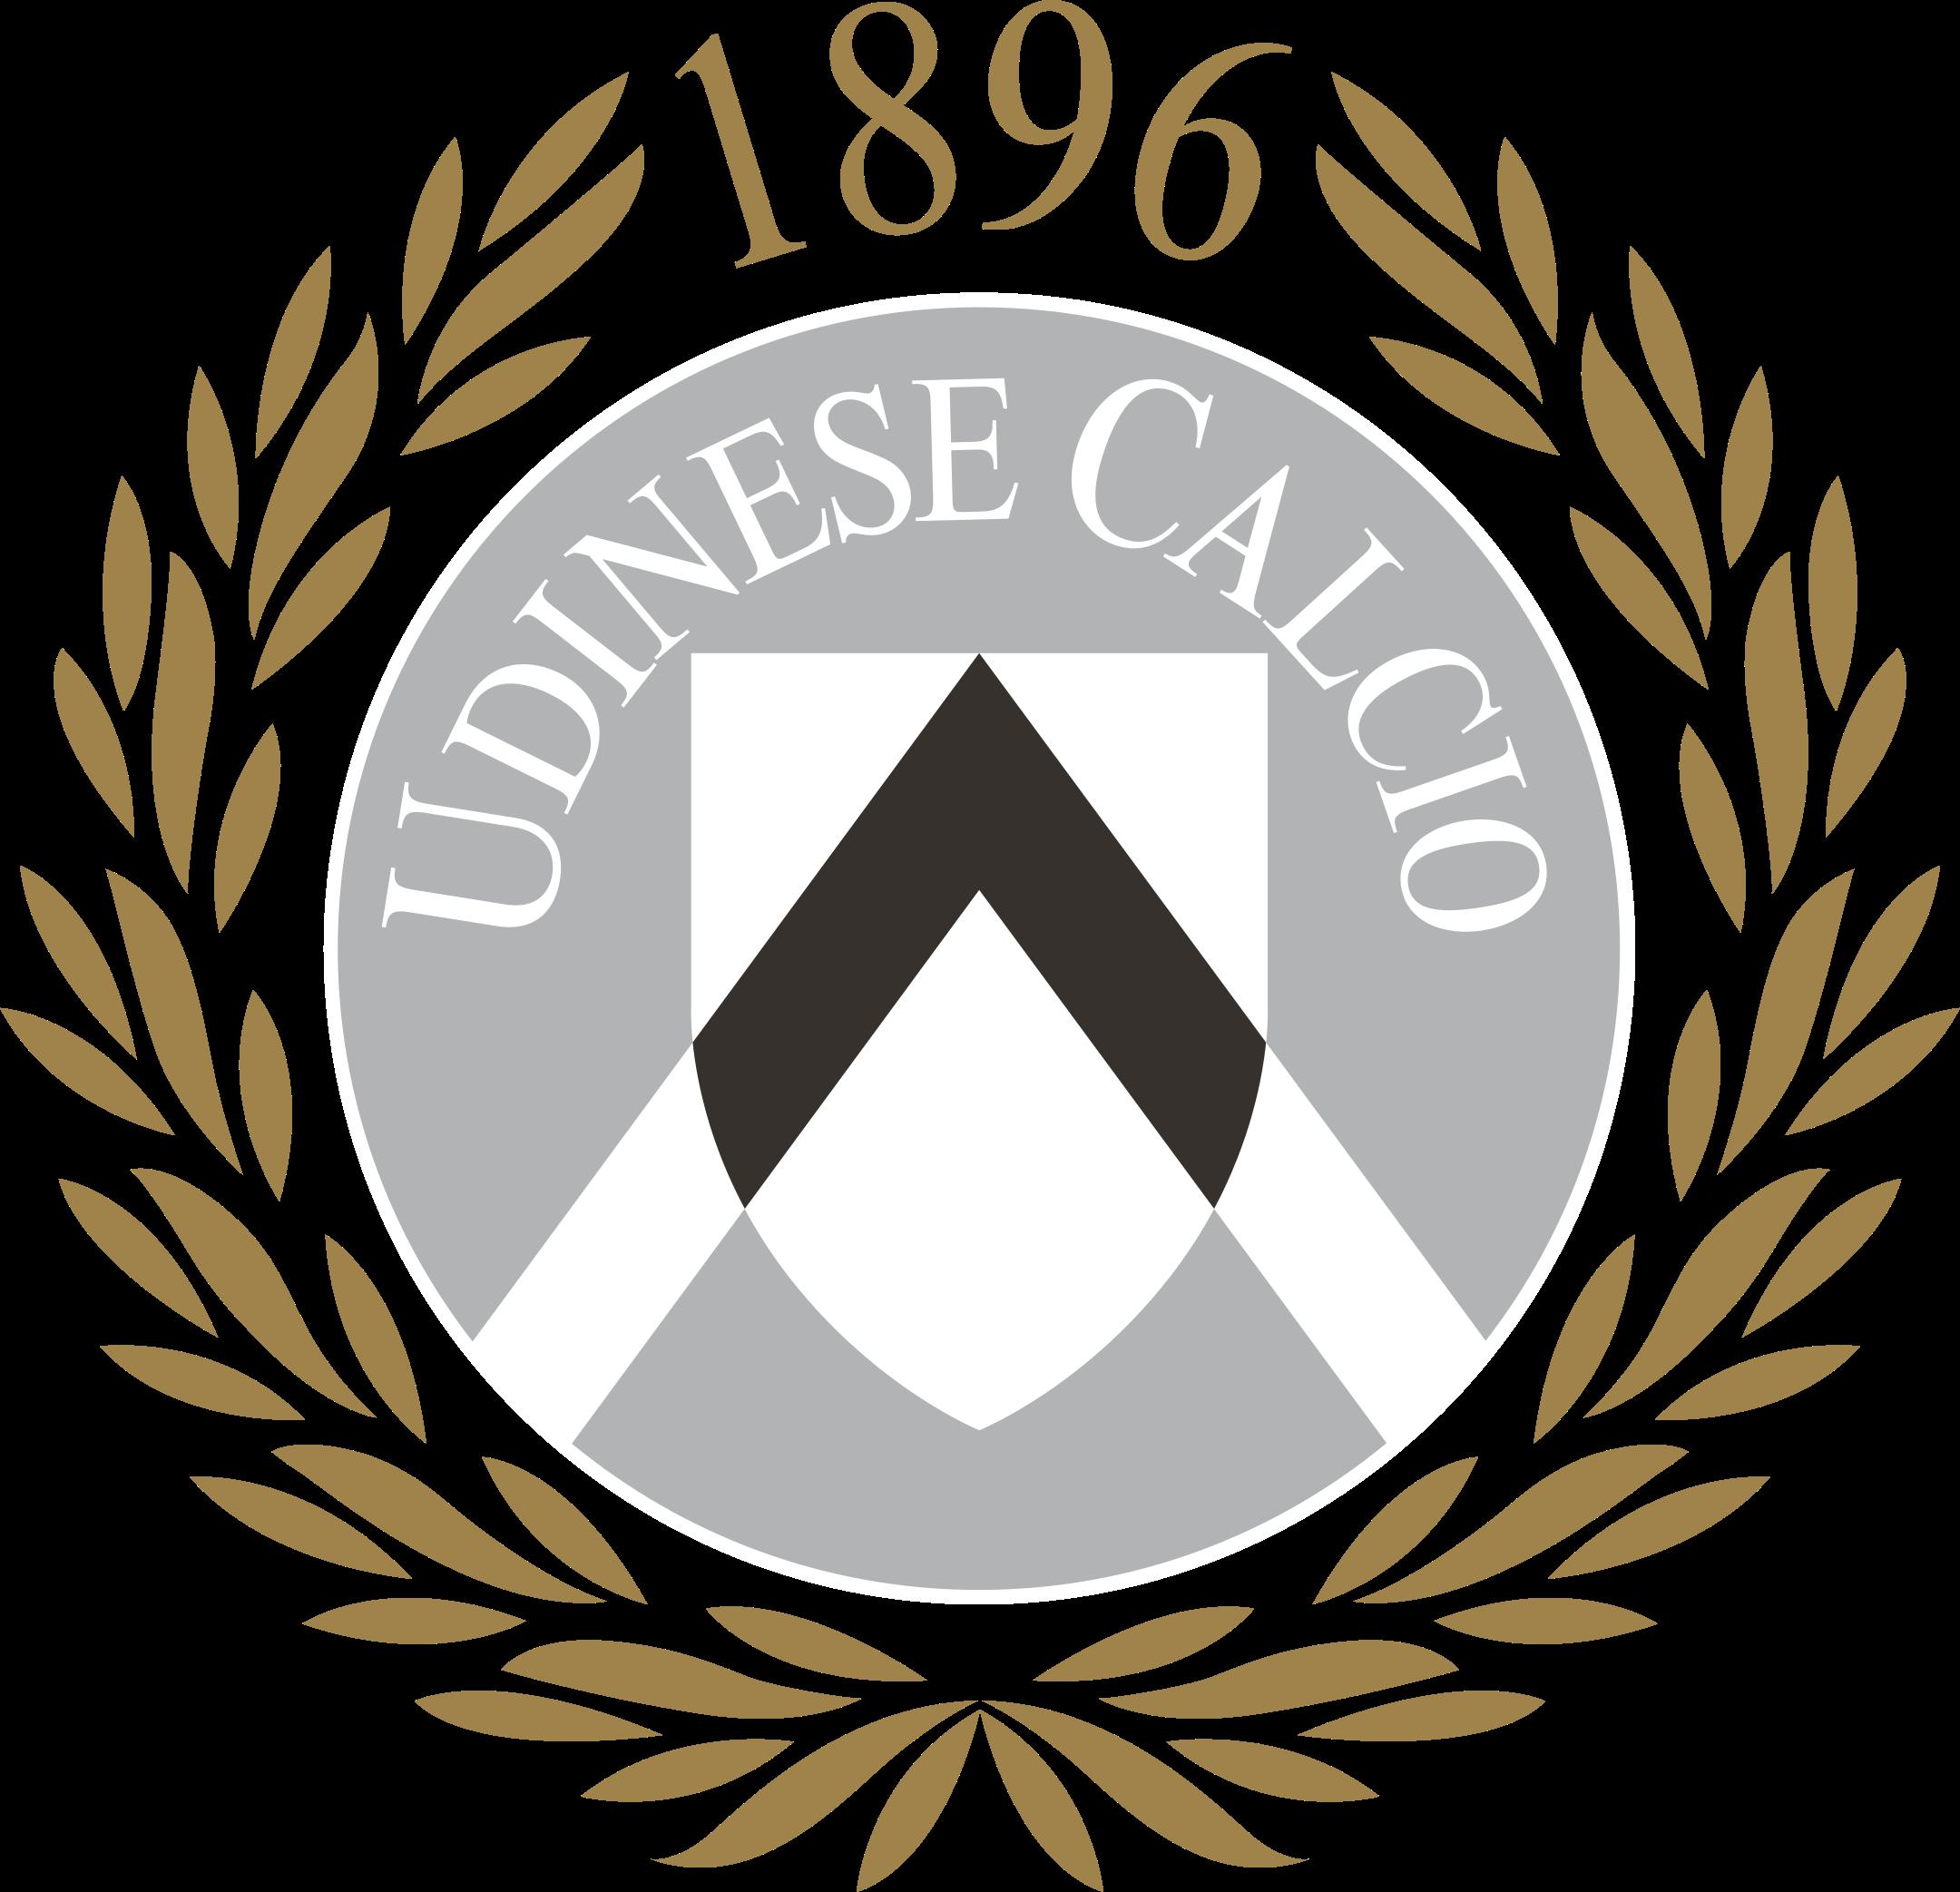 udinese logo 1 - Udinese Logo